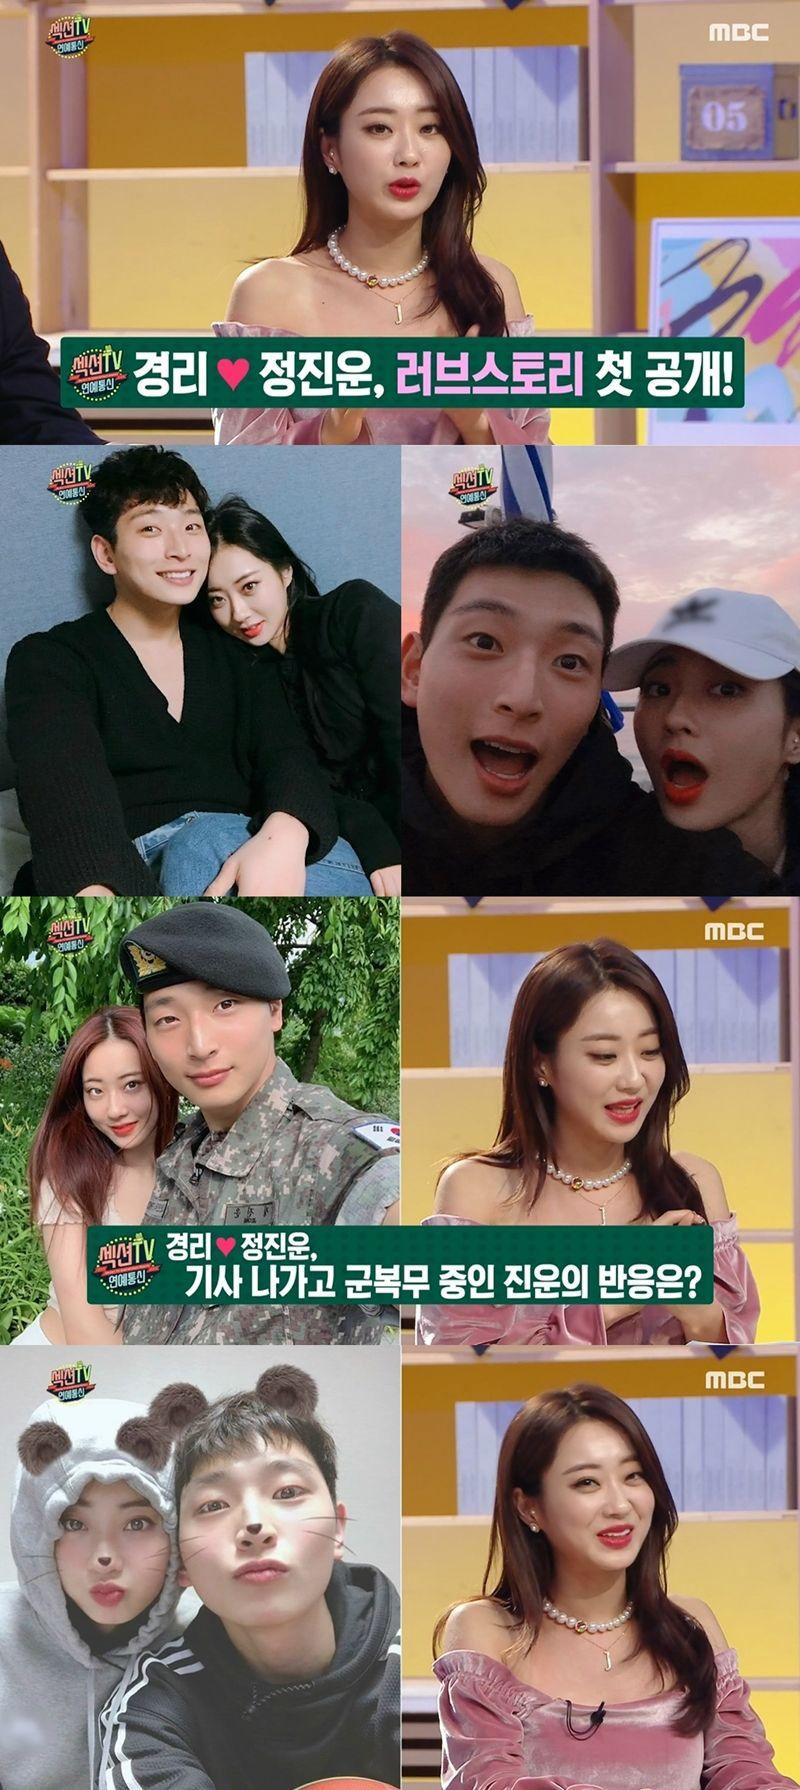 경리♥정진운, 2년 동안 비밀 연애 유지한 비결